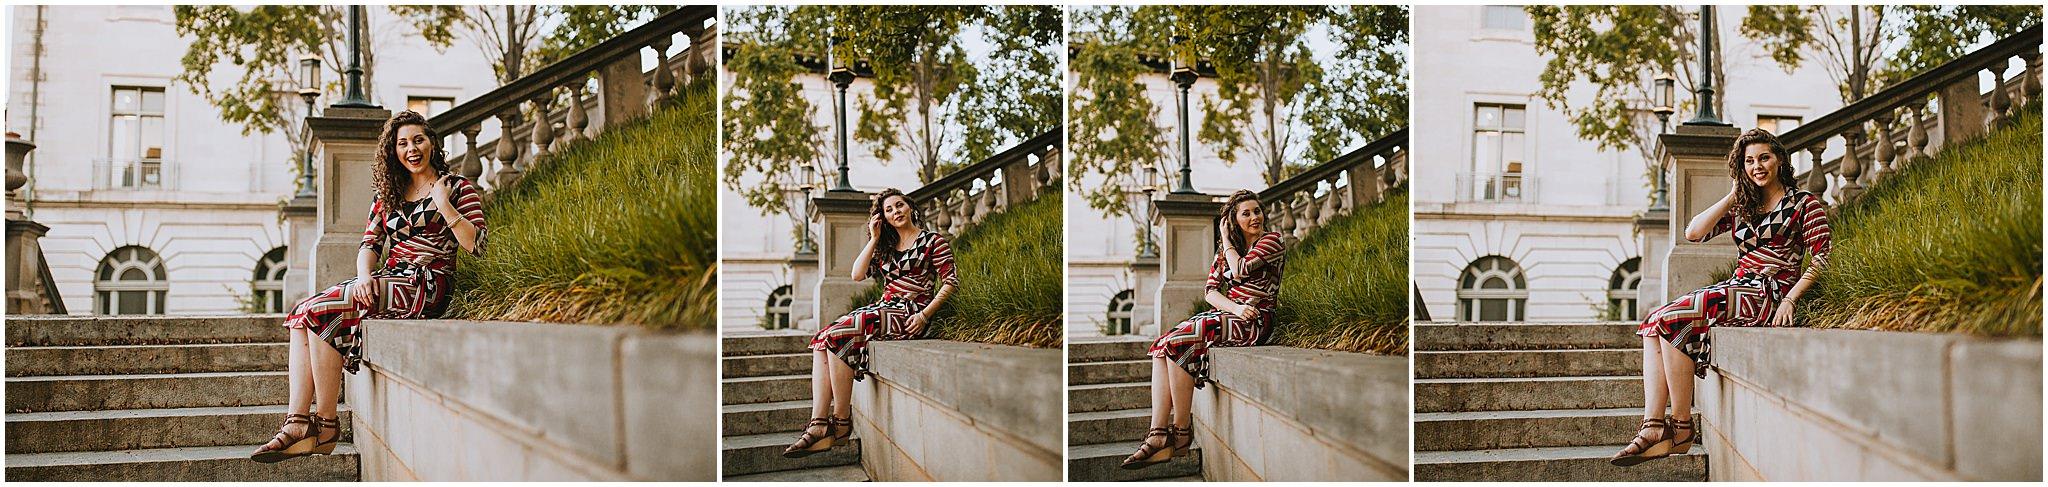 Sara's Senior Portrait Downtown Lynchburg, VA 116